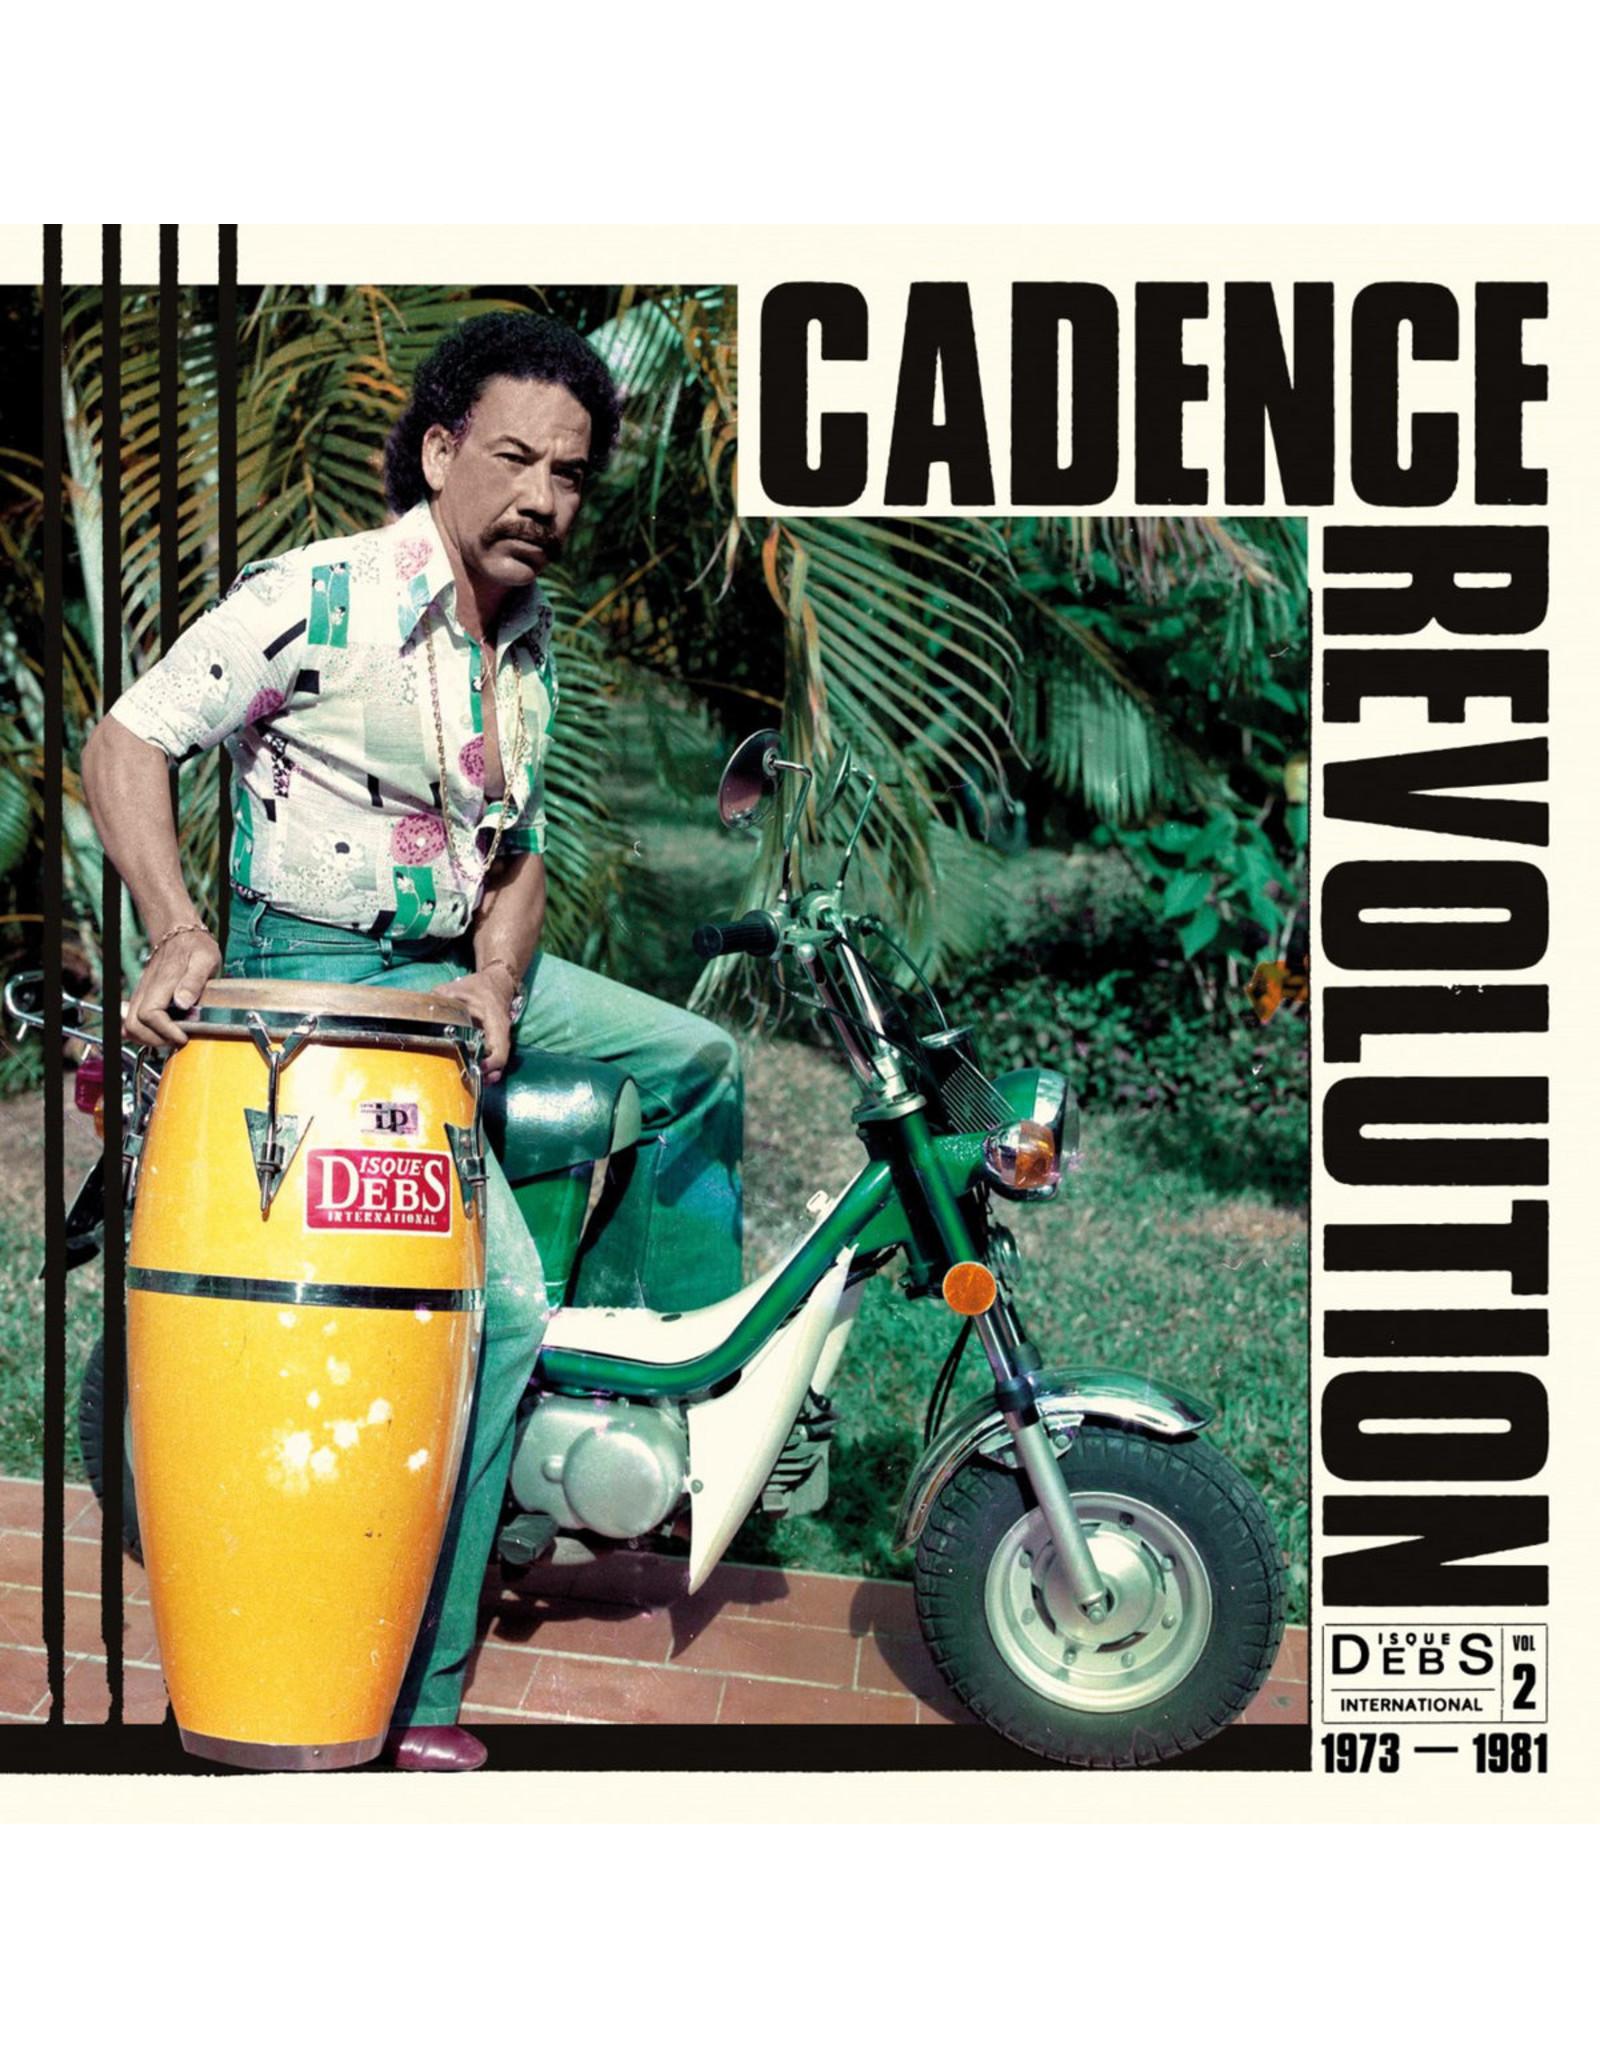 New Vinyl Various - Cadence Revolution: Disque Debs International Vol. 2 2LP